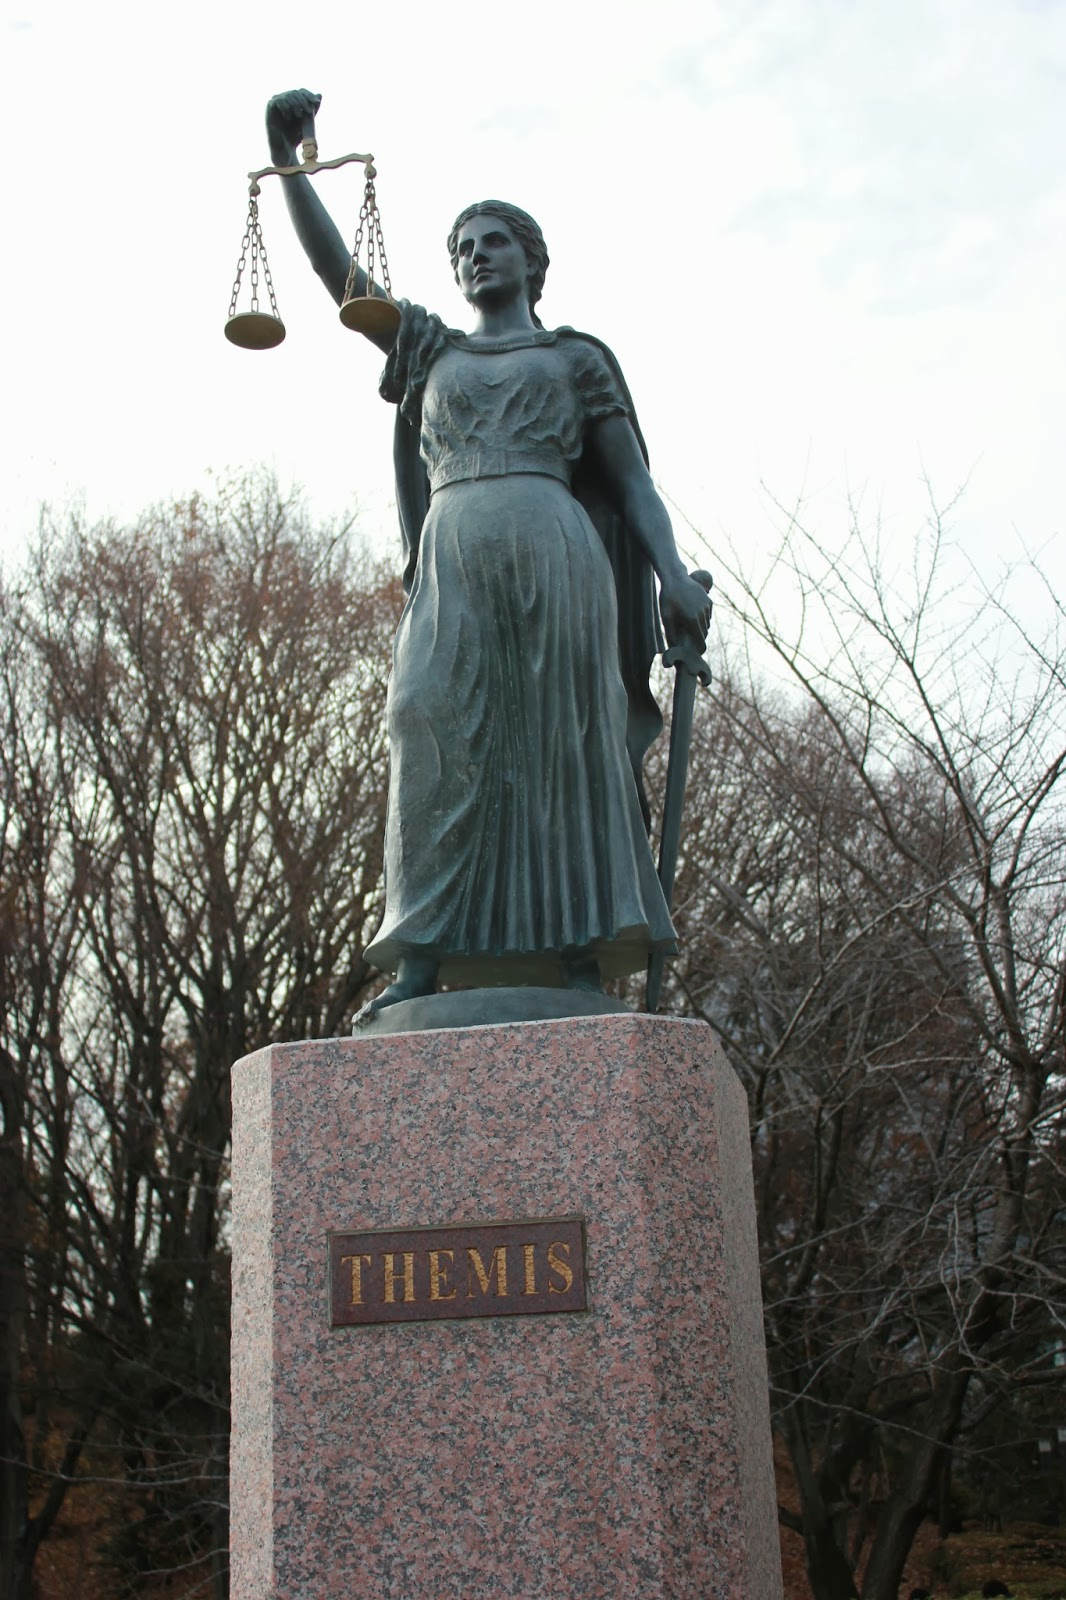 Themis_Statue